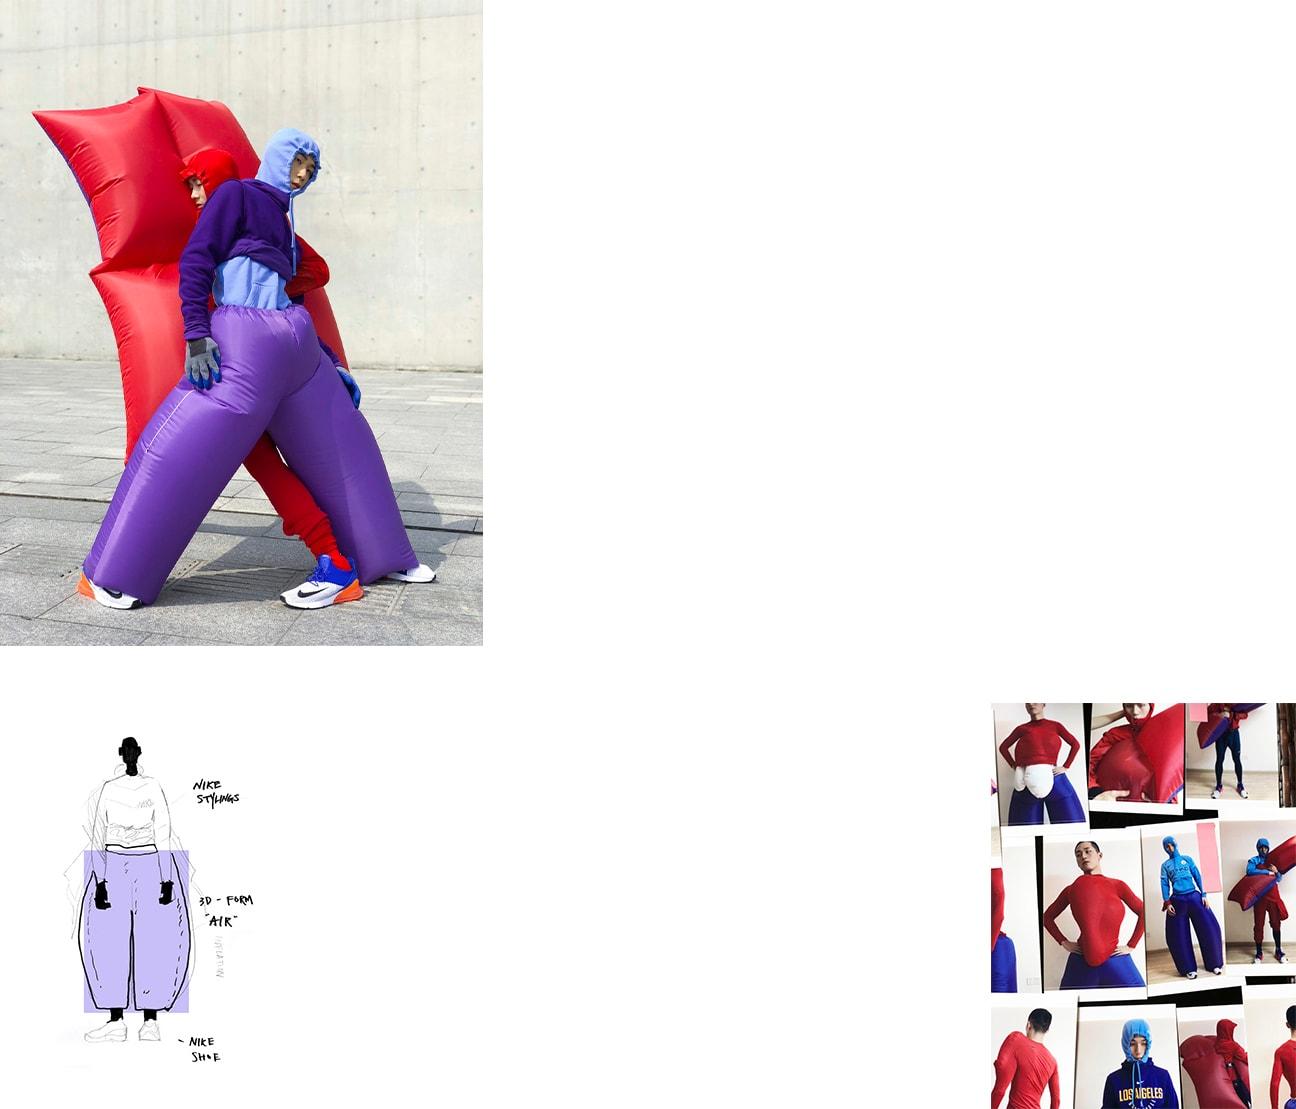 HYPEBEAST 打造 Nike Air Max 瘋狂藝術實驗計劃